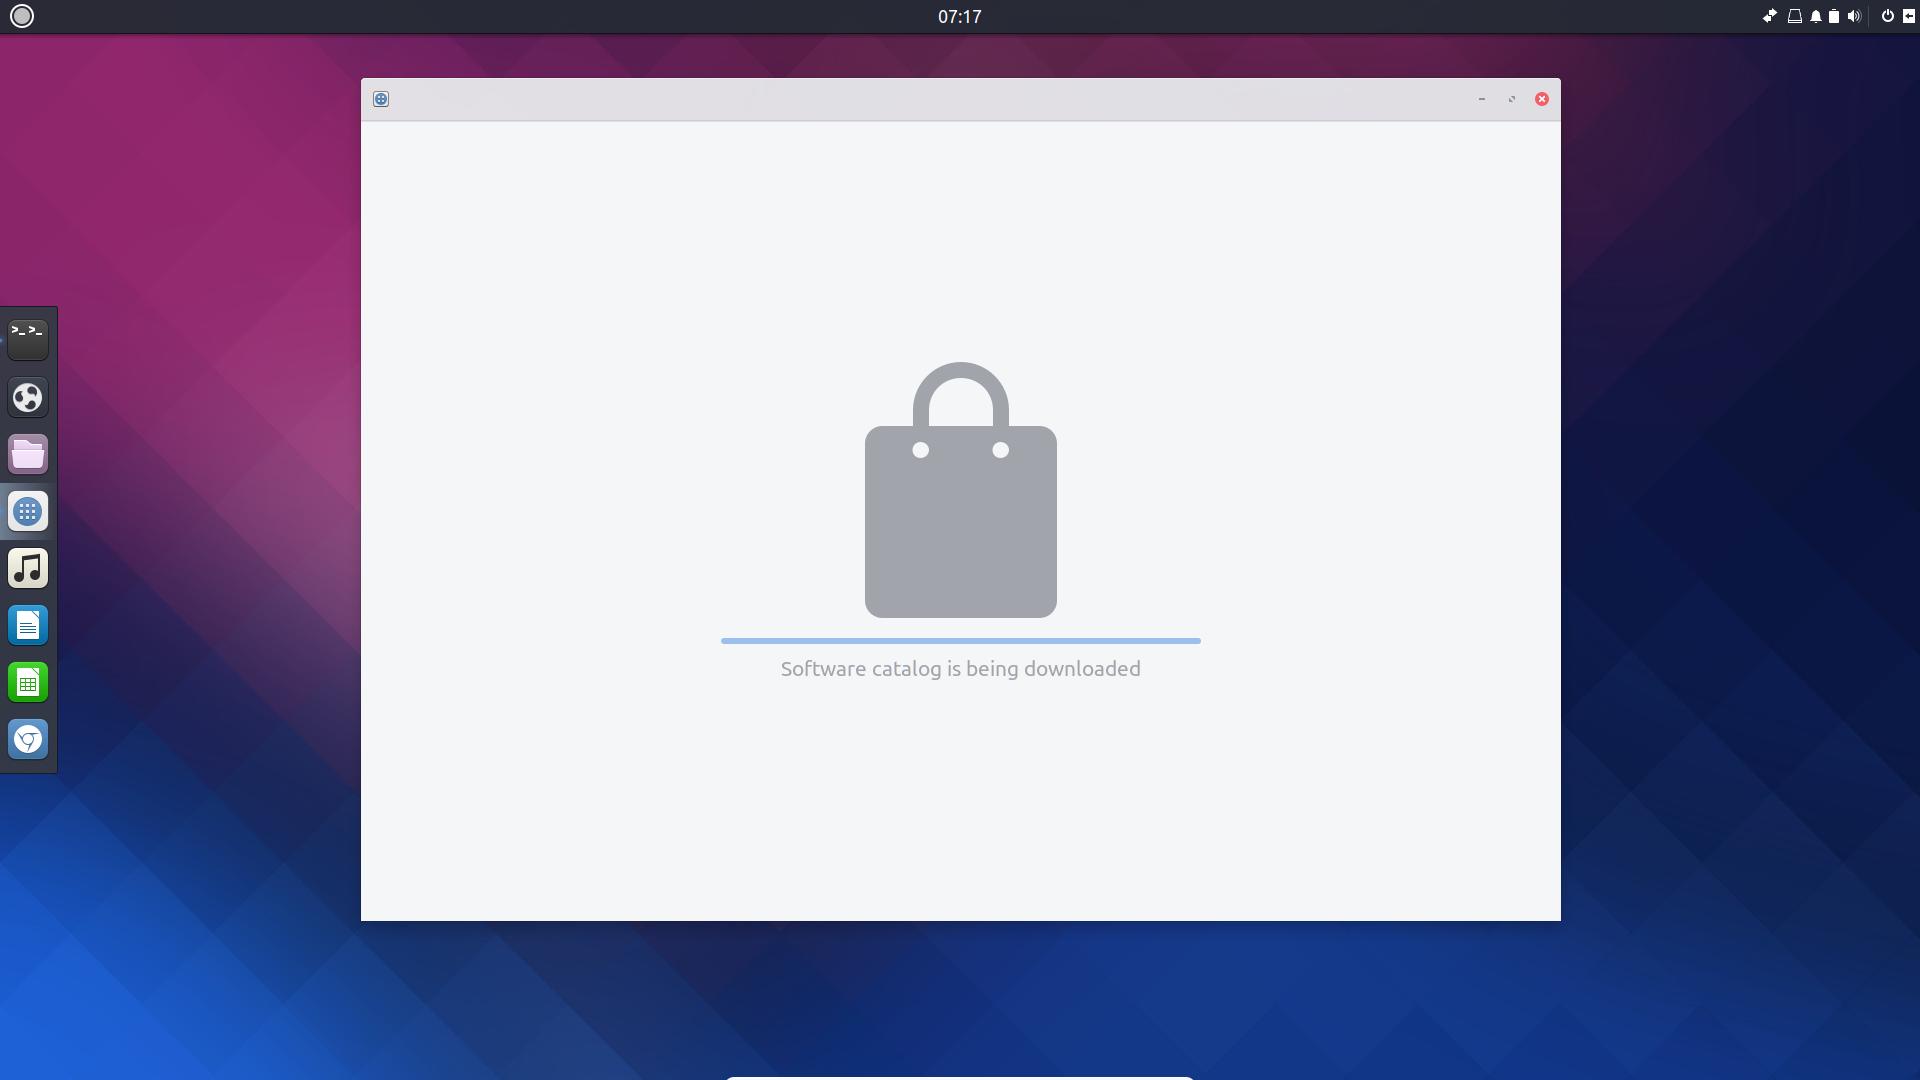 ubuntu budgie remix 17.04 software center.png